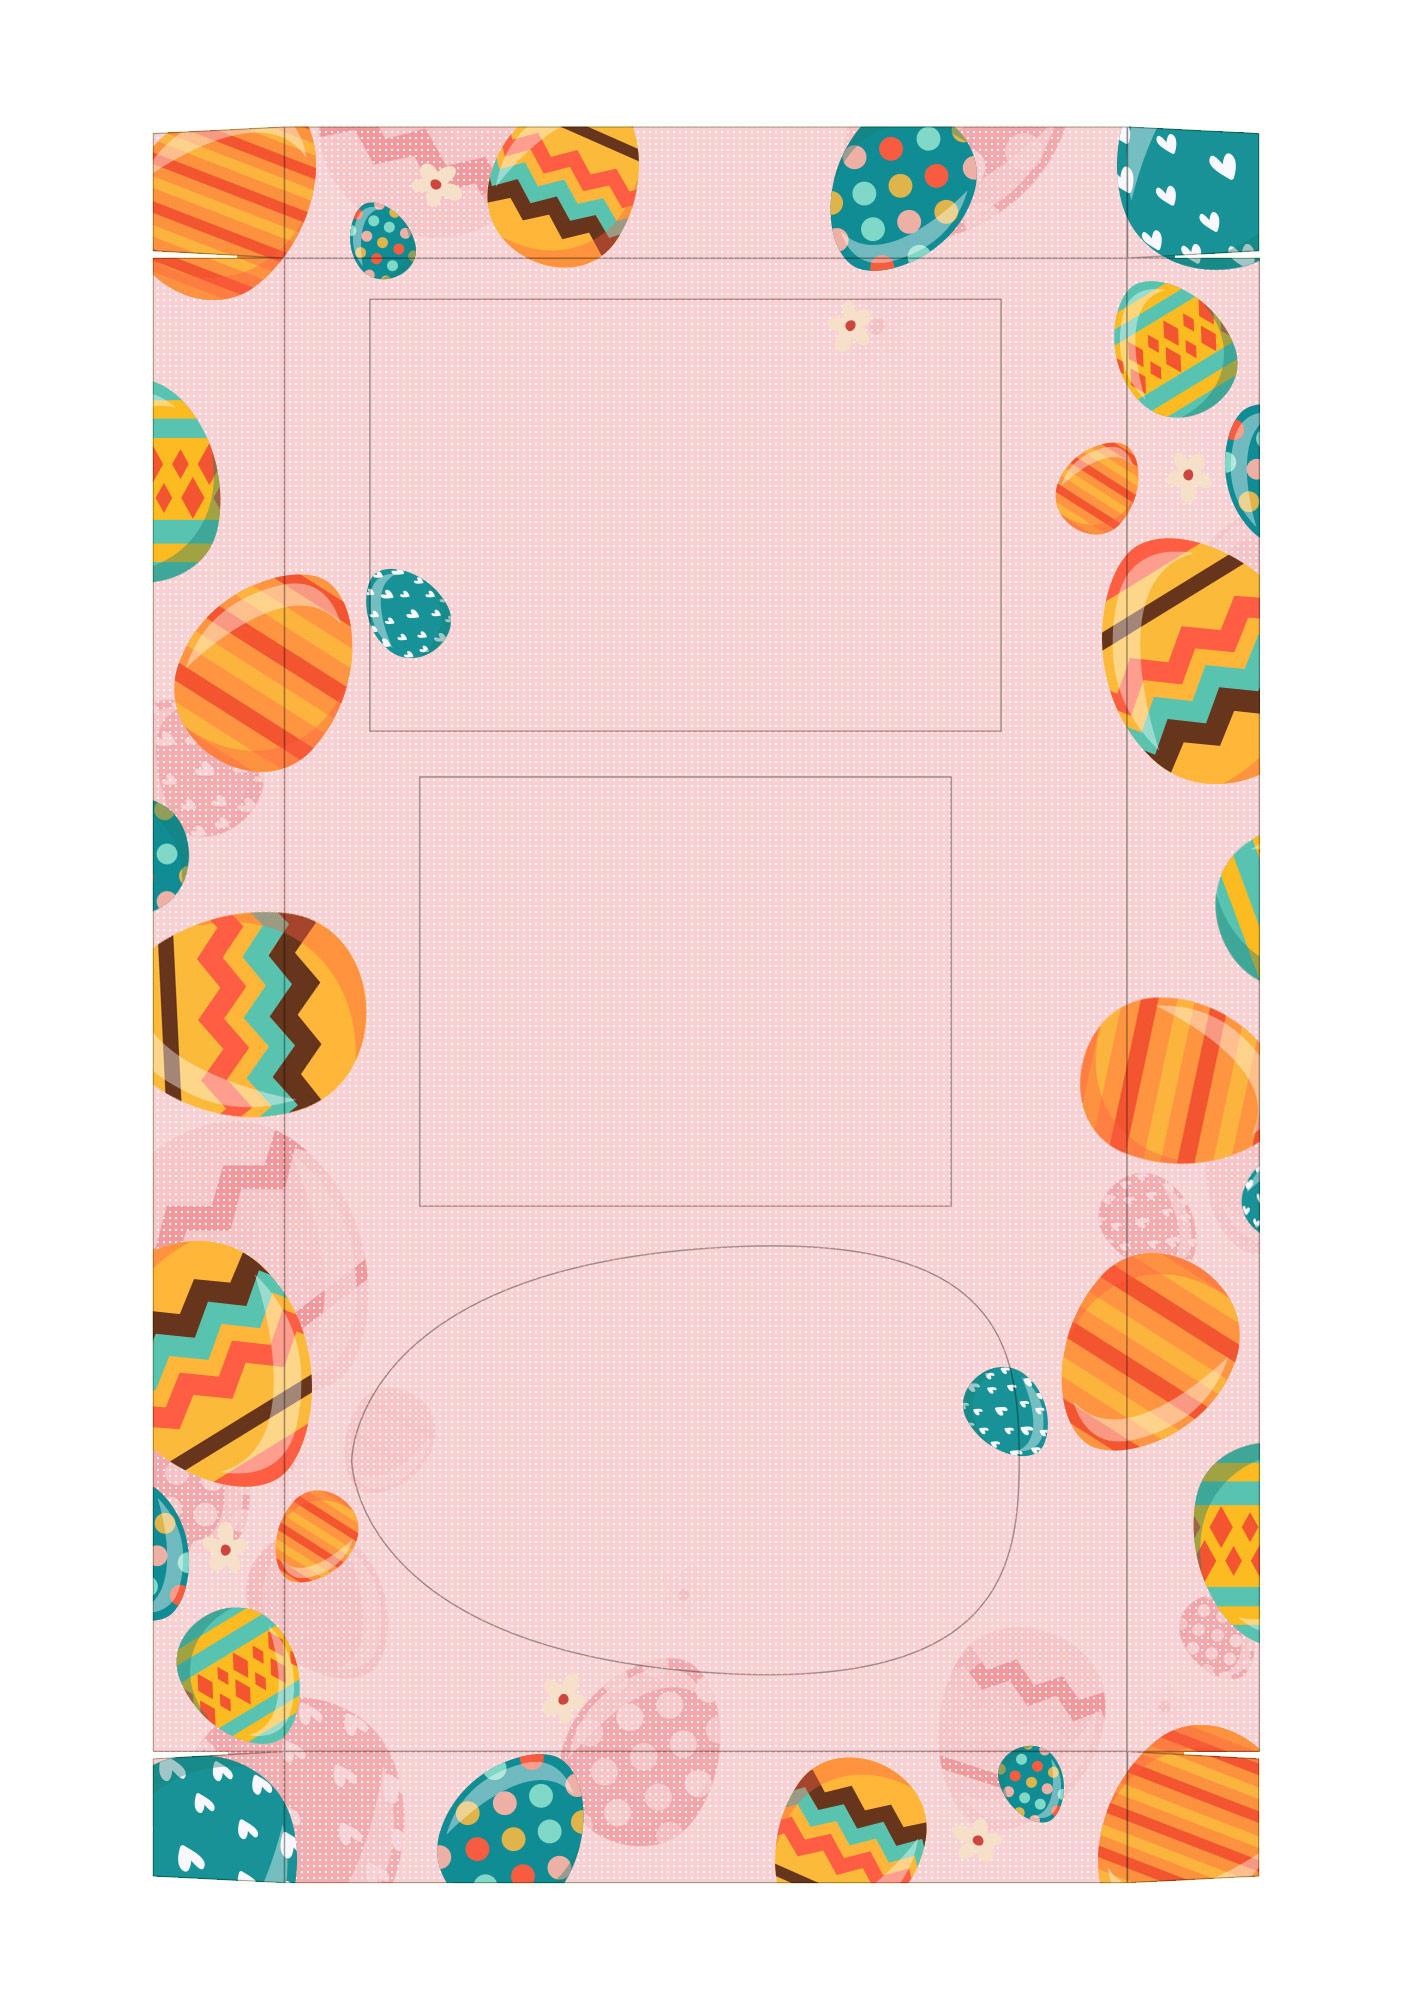 Caixa Kit Mini Confeiteiro para Páscoa 6 - parte de dentro